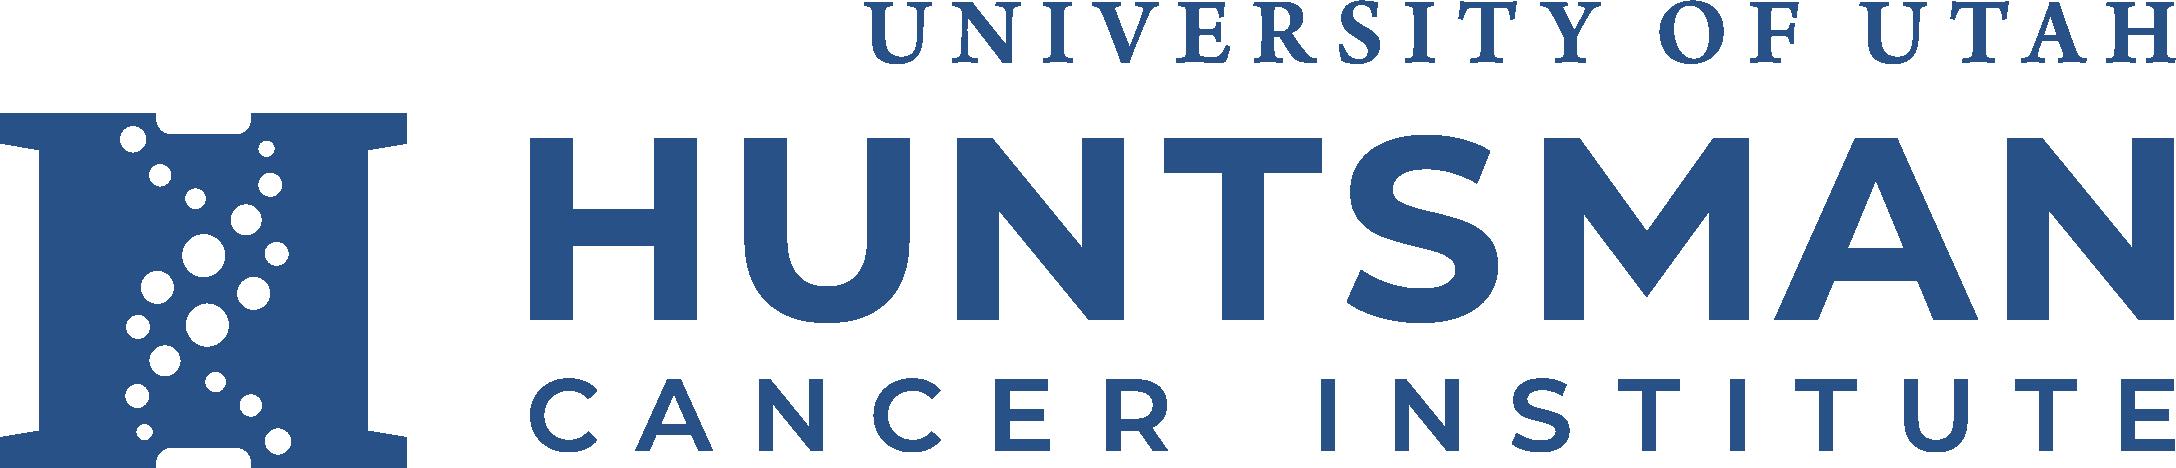 U of U Hunstsman Cancer Institute